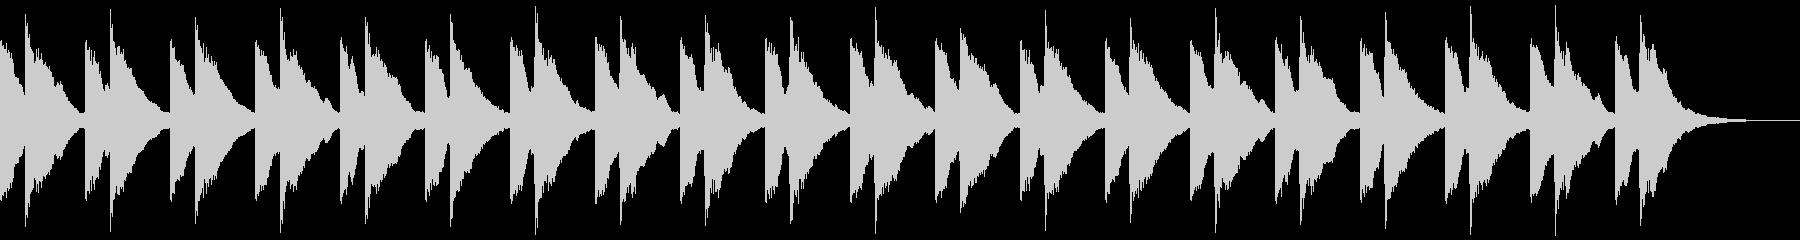 チャイム 鐘の音 キンコン ロング版の未再生の波形